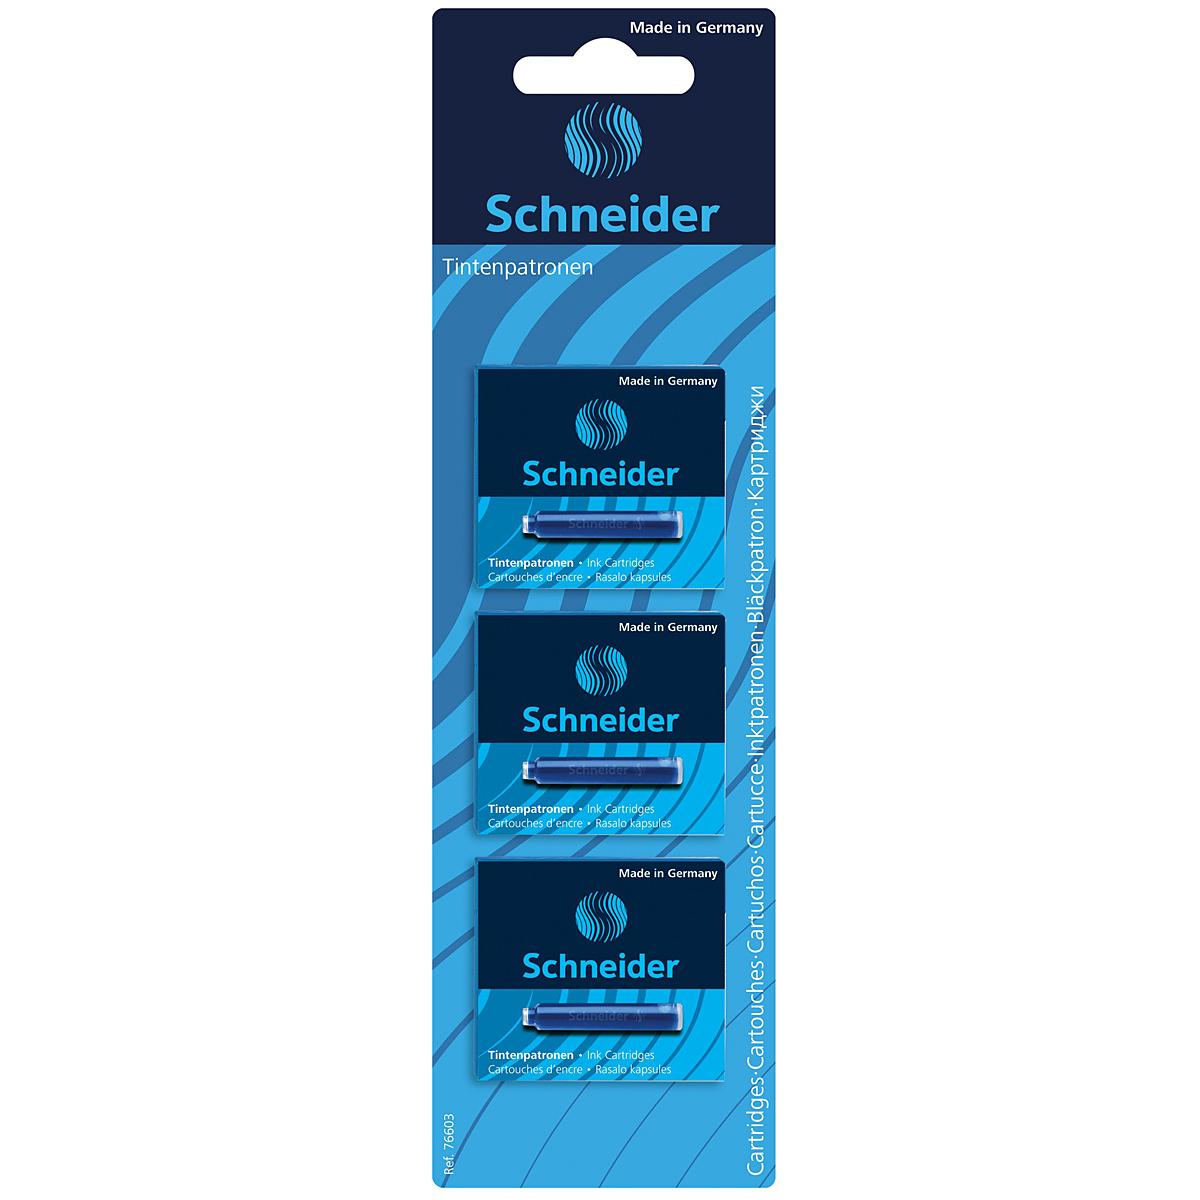 Набор картриджей с чернилами синего цвета (18 шт.) в блистере.S76603Картриджи с чернилами в стандартном размере подходят для ручек Schneider, а также для многих других марок.